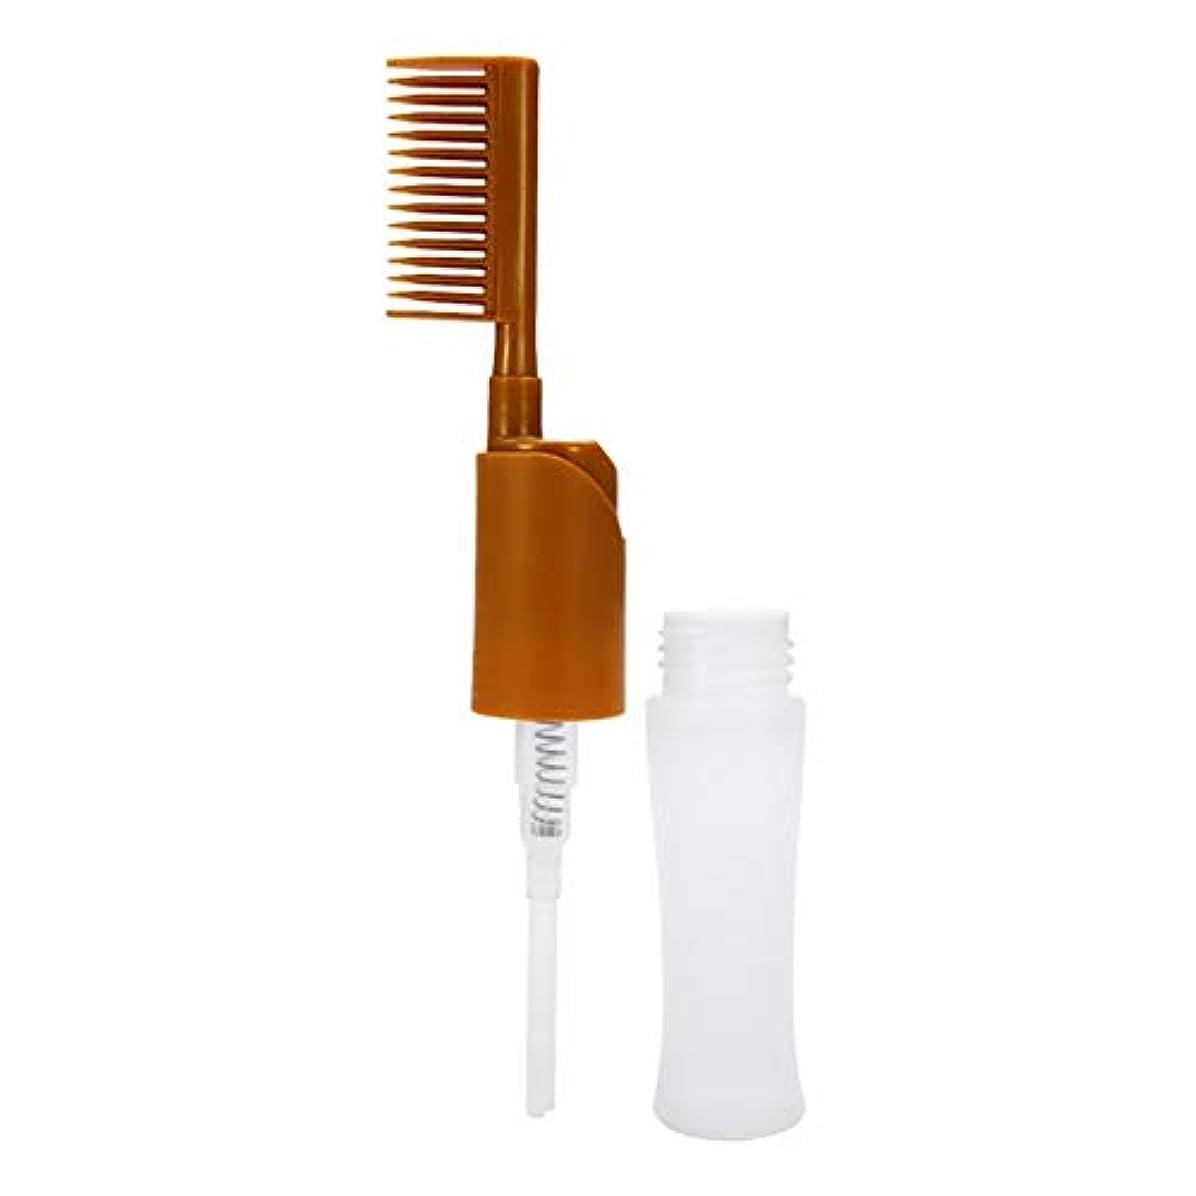 思いつくファイアルビジュアル櫛染毛の毛は、プロ型ディスペンサーボトル櫛毛染めアプリケータボトルスタイリングツールの美しさを染めます